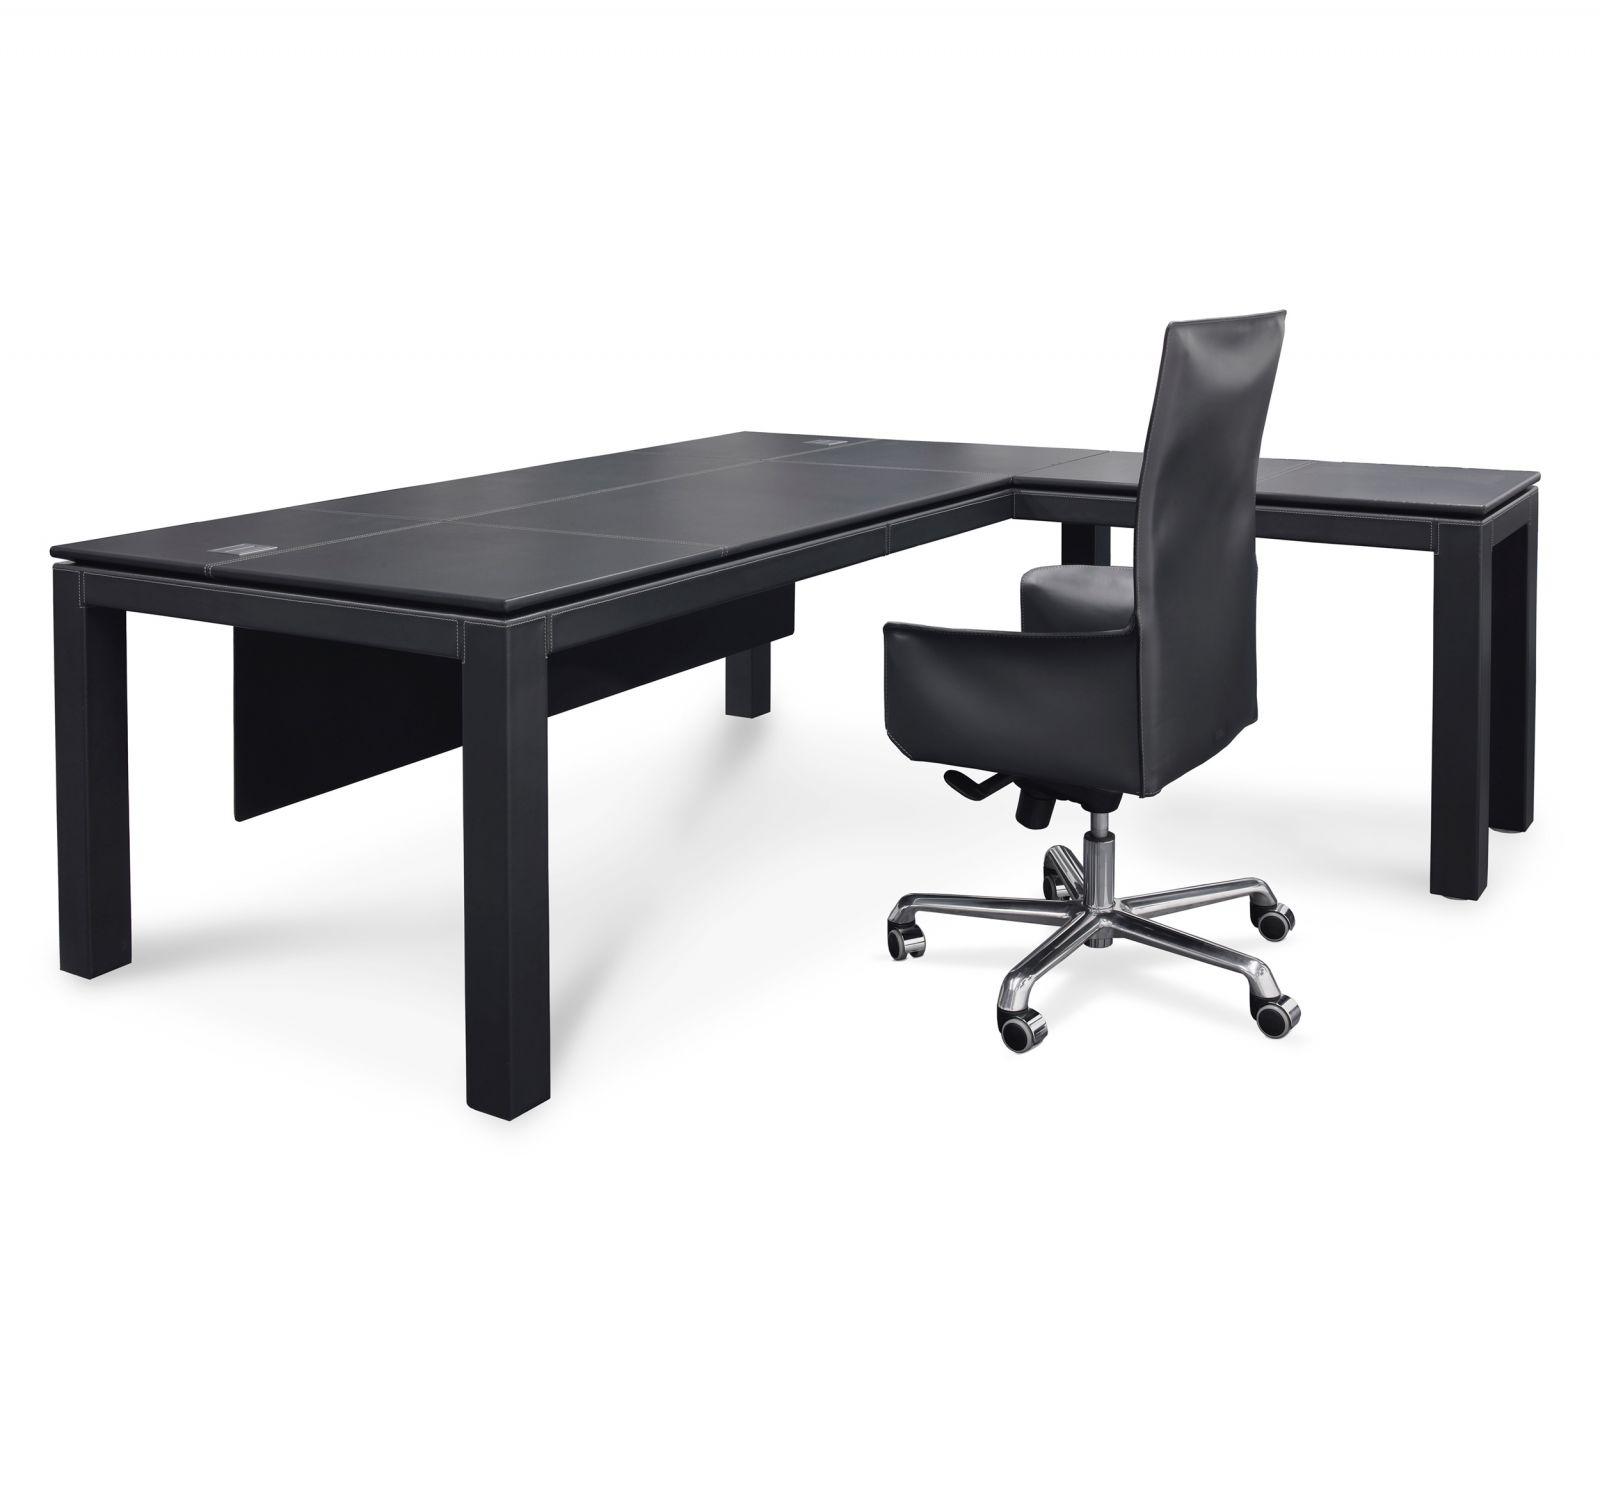 DSK 805 Modern Office Desks